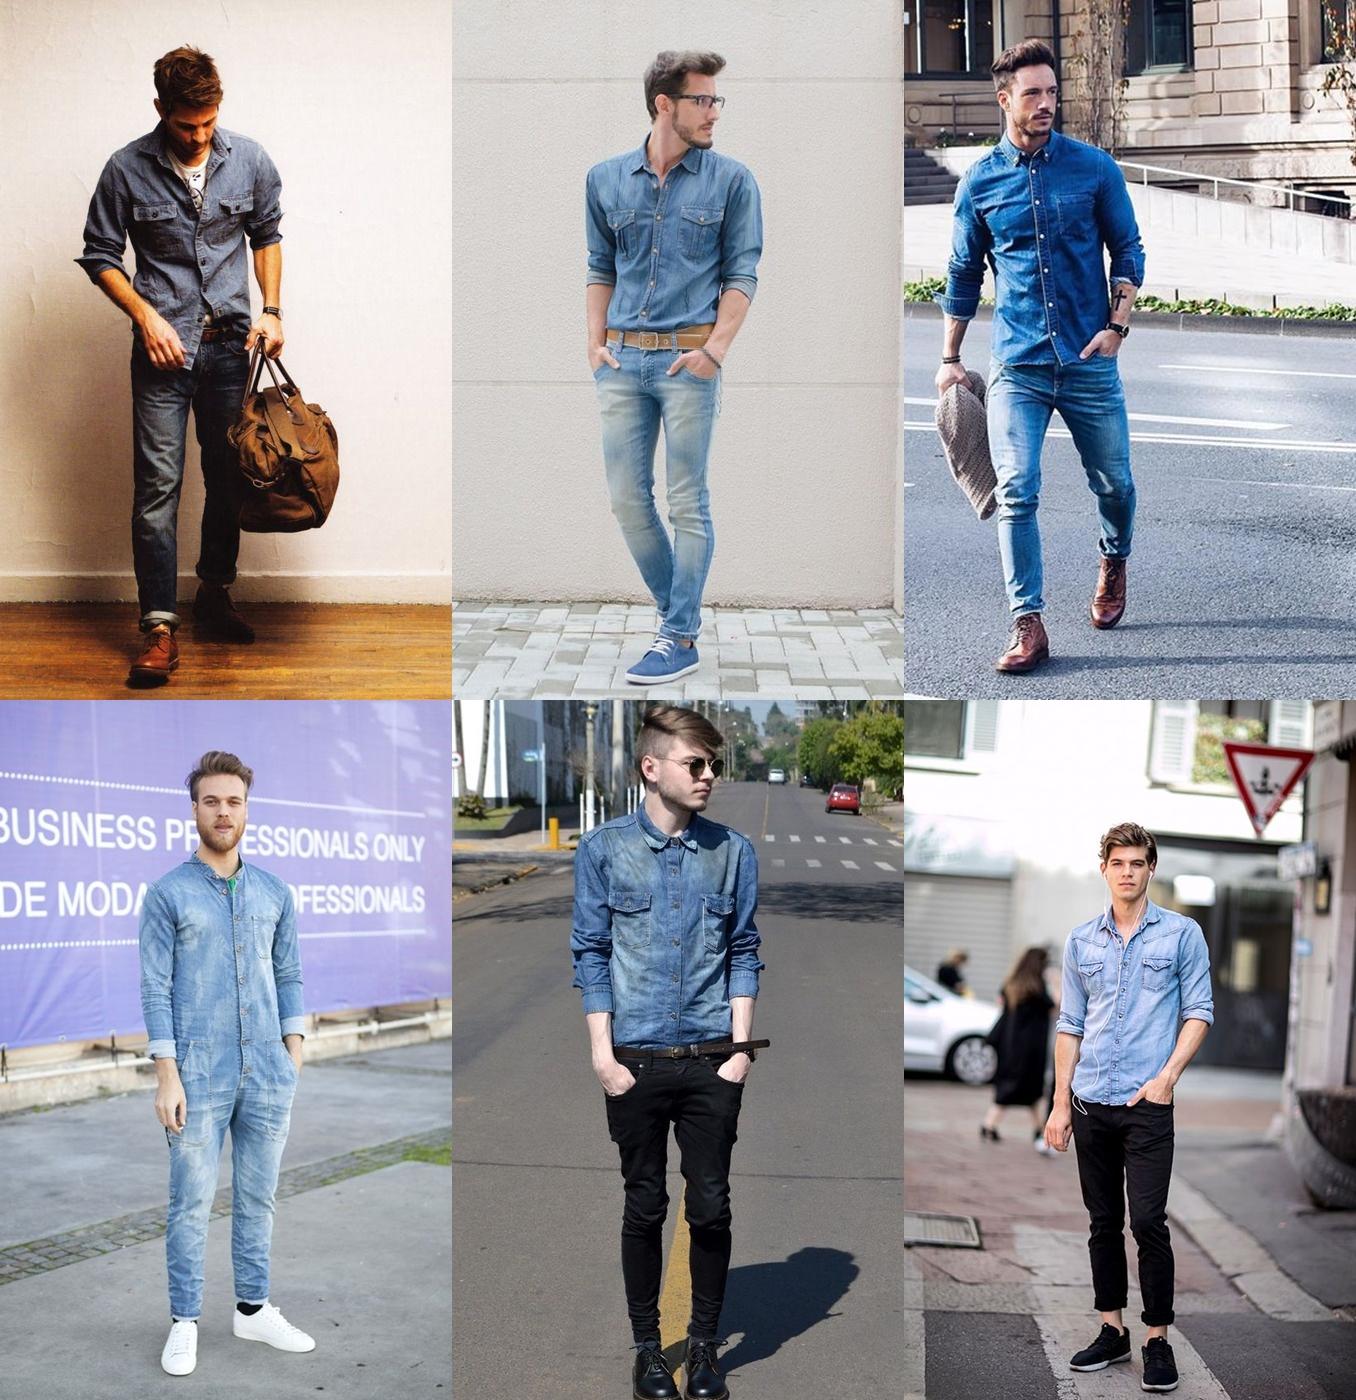 all-jeans-denim-on-denim-como-usar-jeans-como-usar-camisa-jeans-moda-jeans-tendencia-masculina-menswear-dicas-de-moda-alex-cursino-blog-de-moda-mens-moda-sem-censura-4-tile